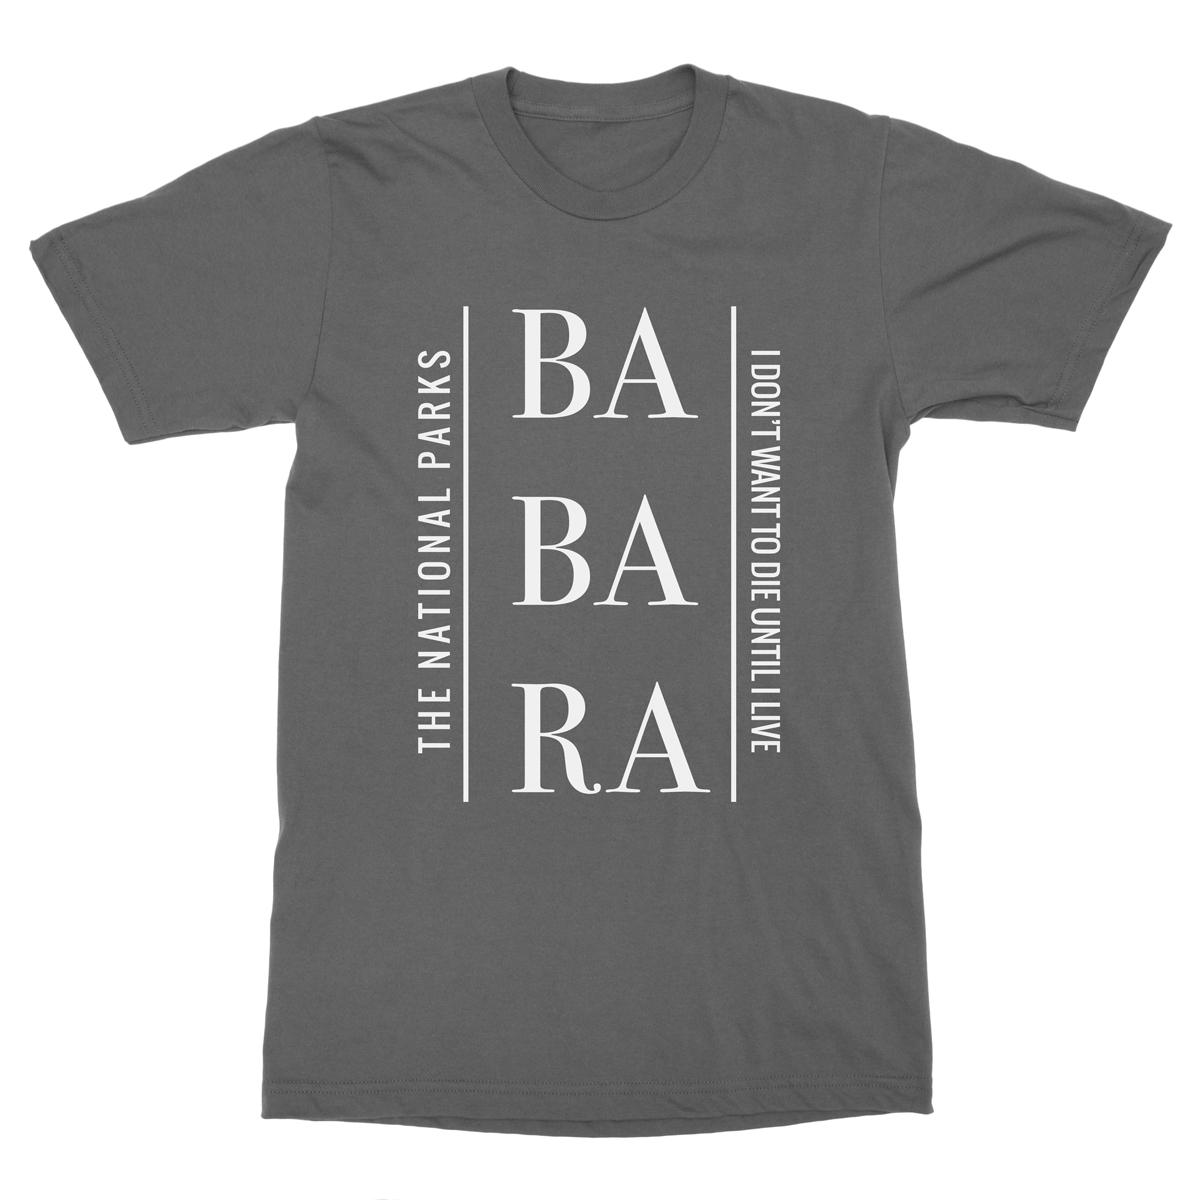 BA BA RA Tee - The National Parks